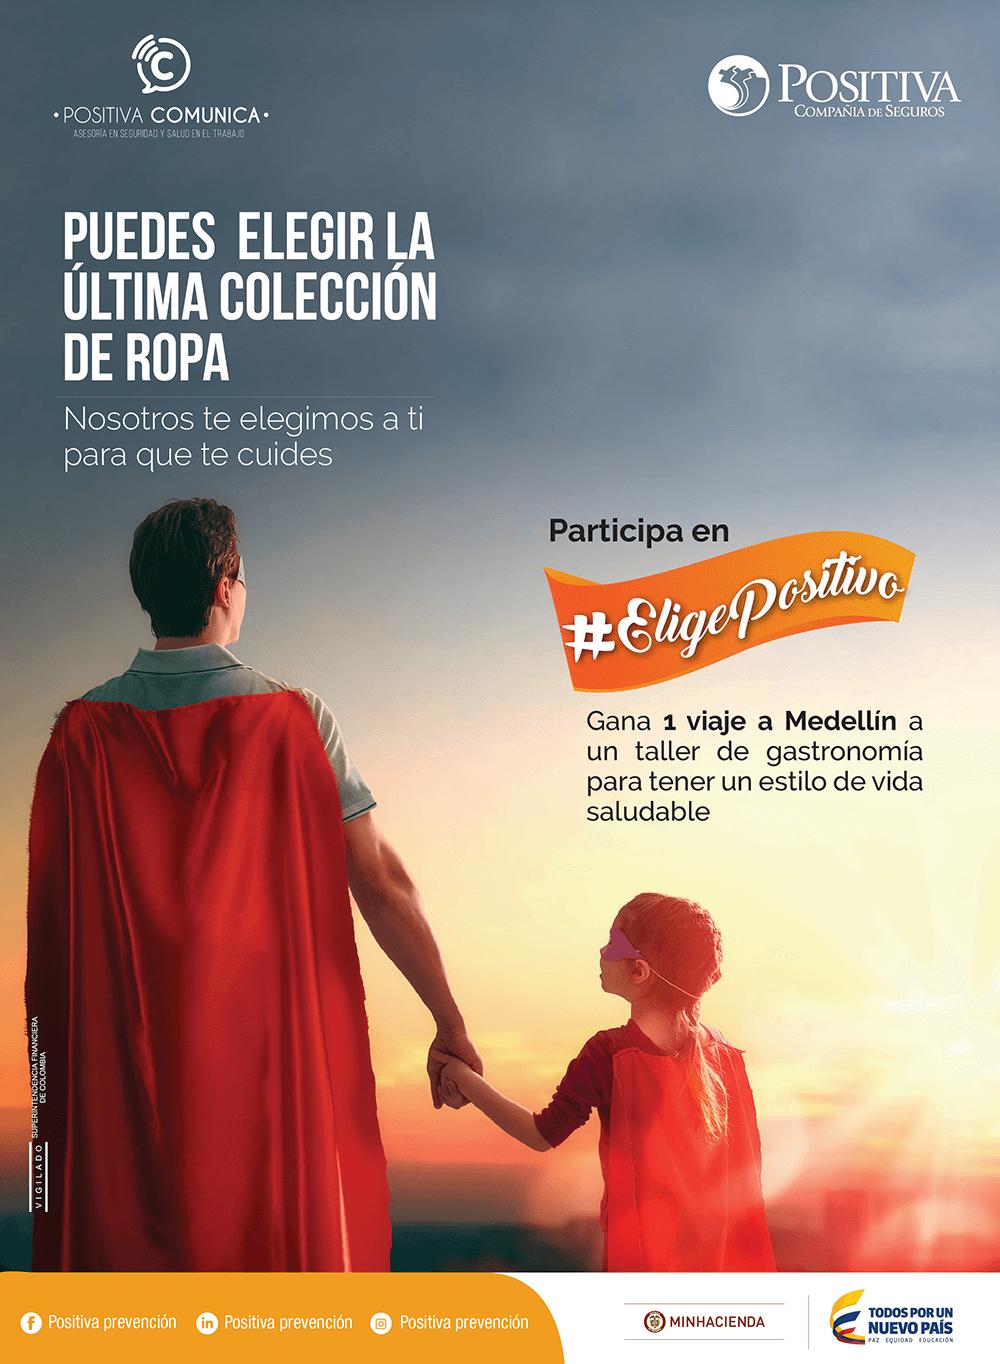 CAMPAÑA_POSITIVA-03